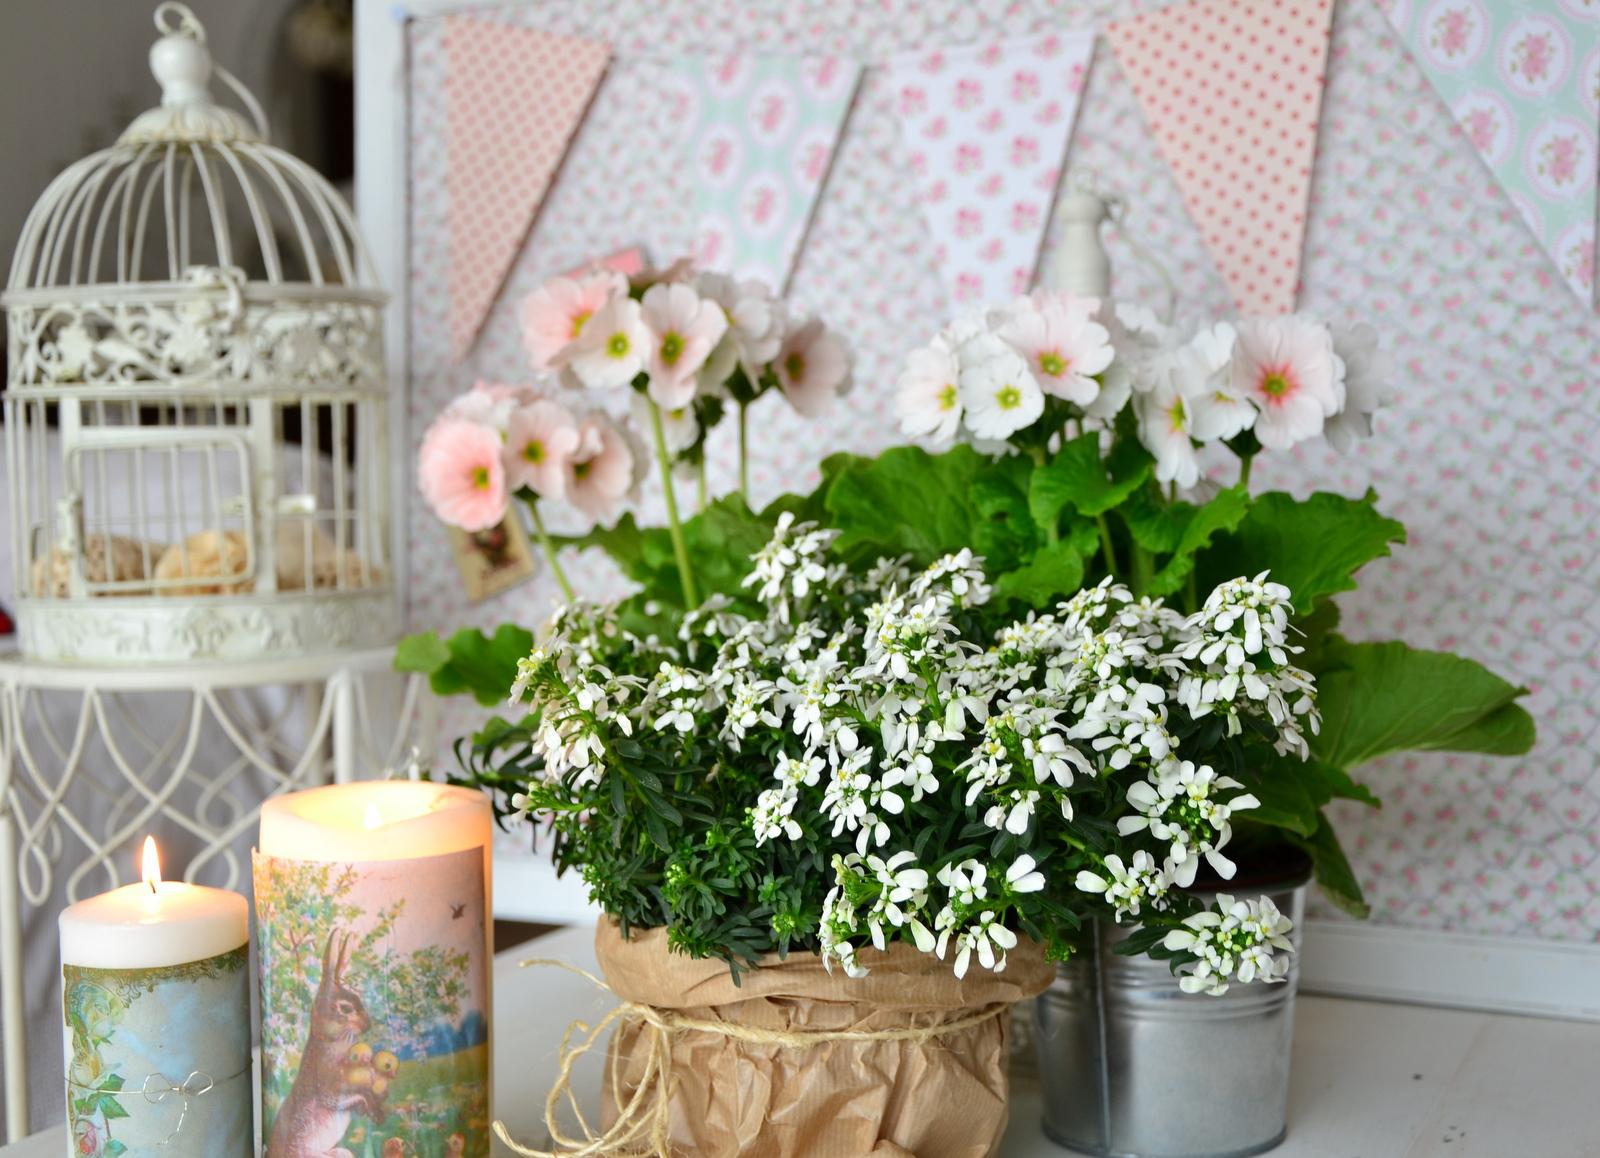 Immagini fiori primaverili for Immagini per desktop primavera